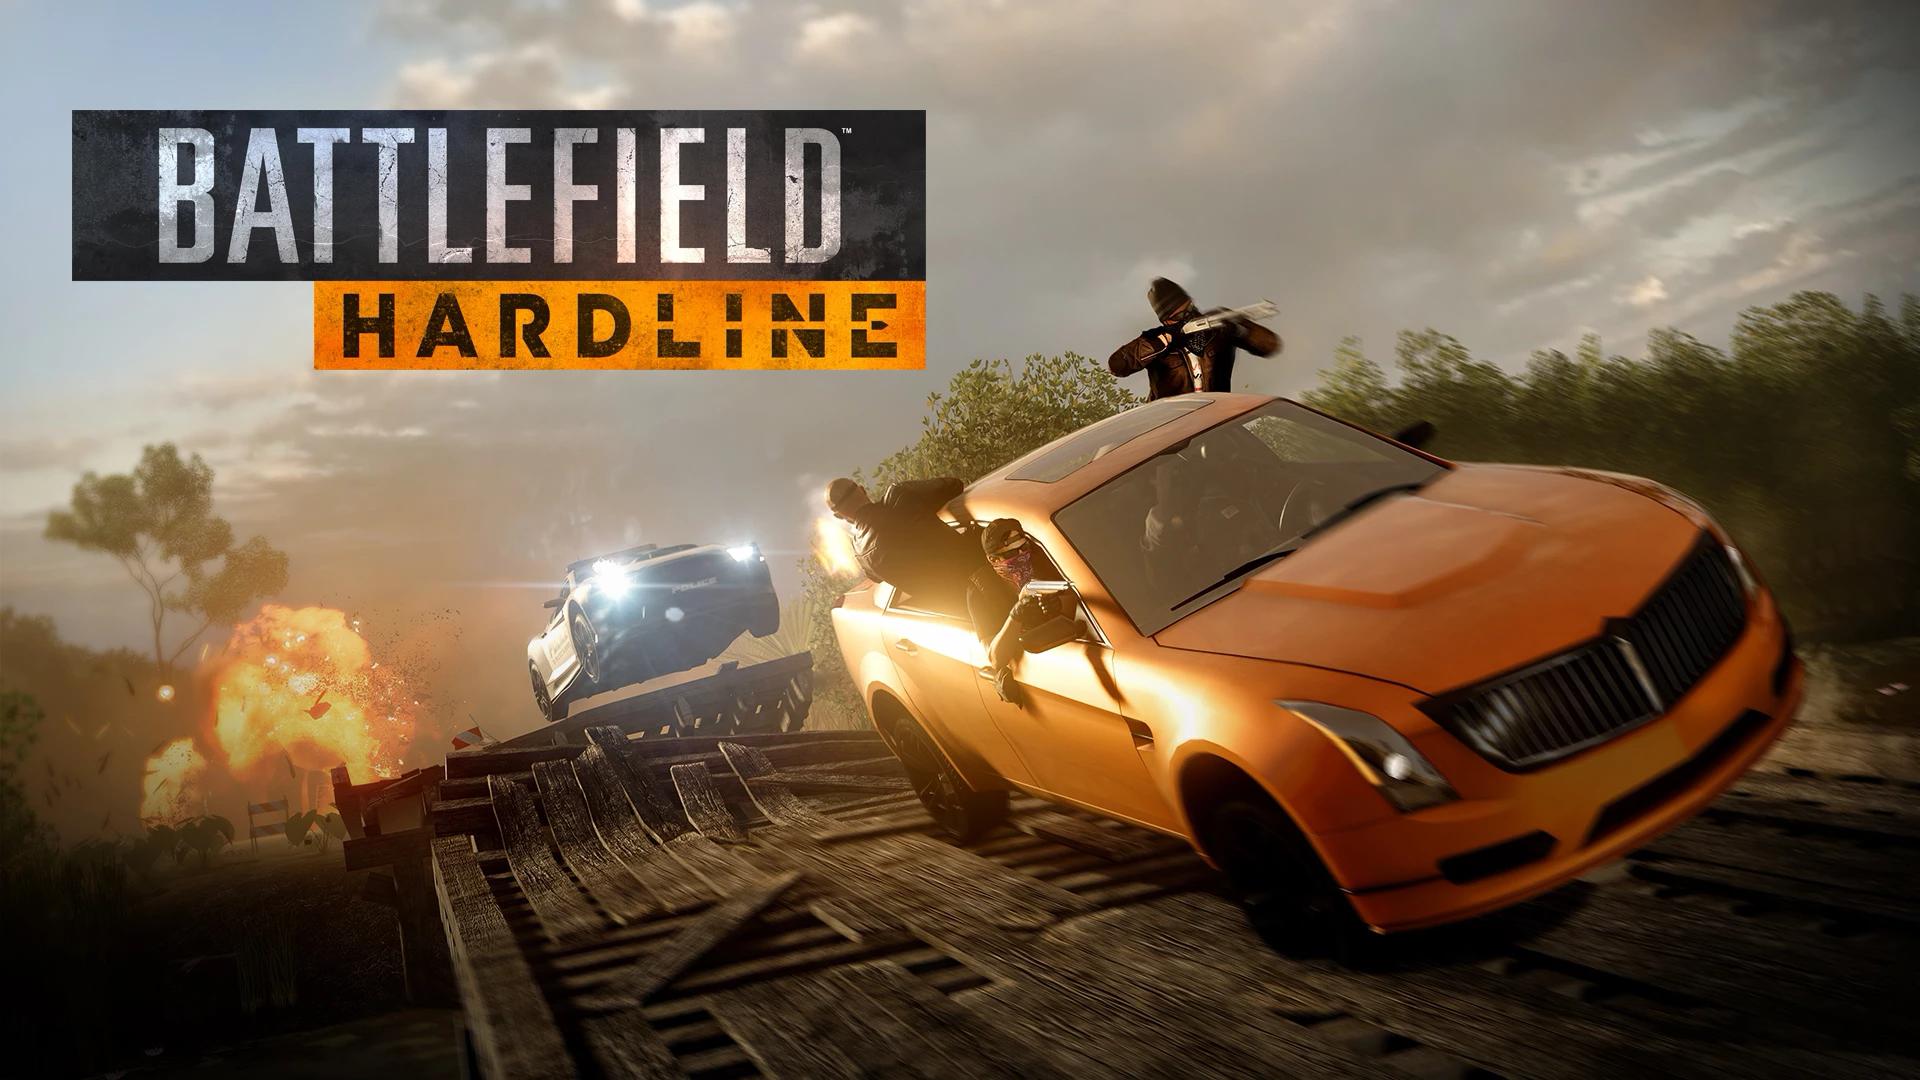 Battlefield Hardline: Hotwire Multiplayer Gameplay Trailer